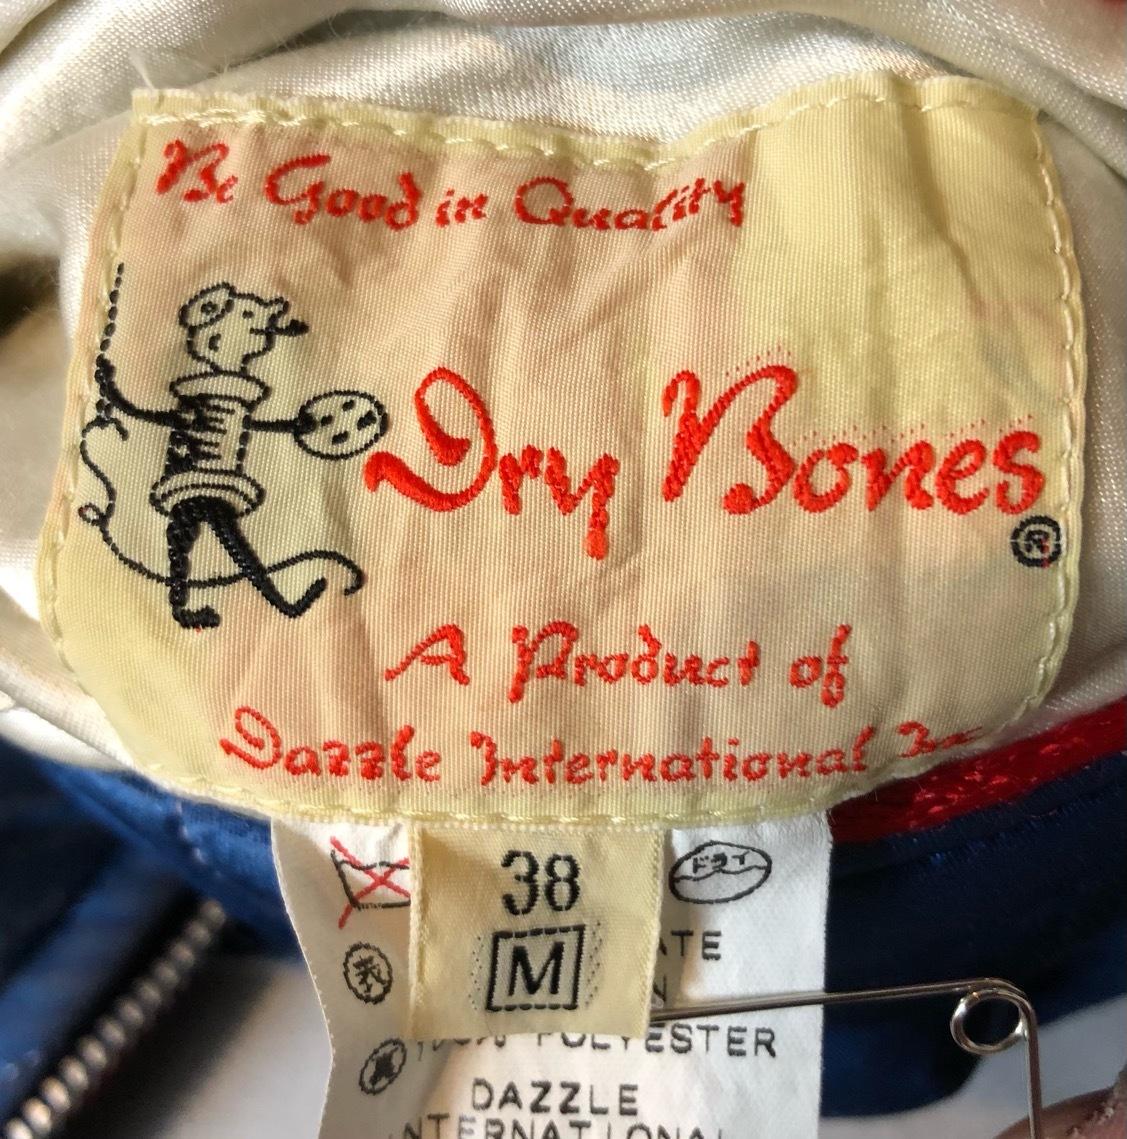 即決 希少 Dry Bones 初期タグ ビンテージ スカジャン Mサイズ 38 ドライボーンズ リバーシブル_画像8